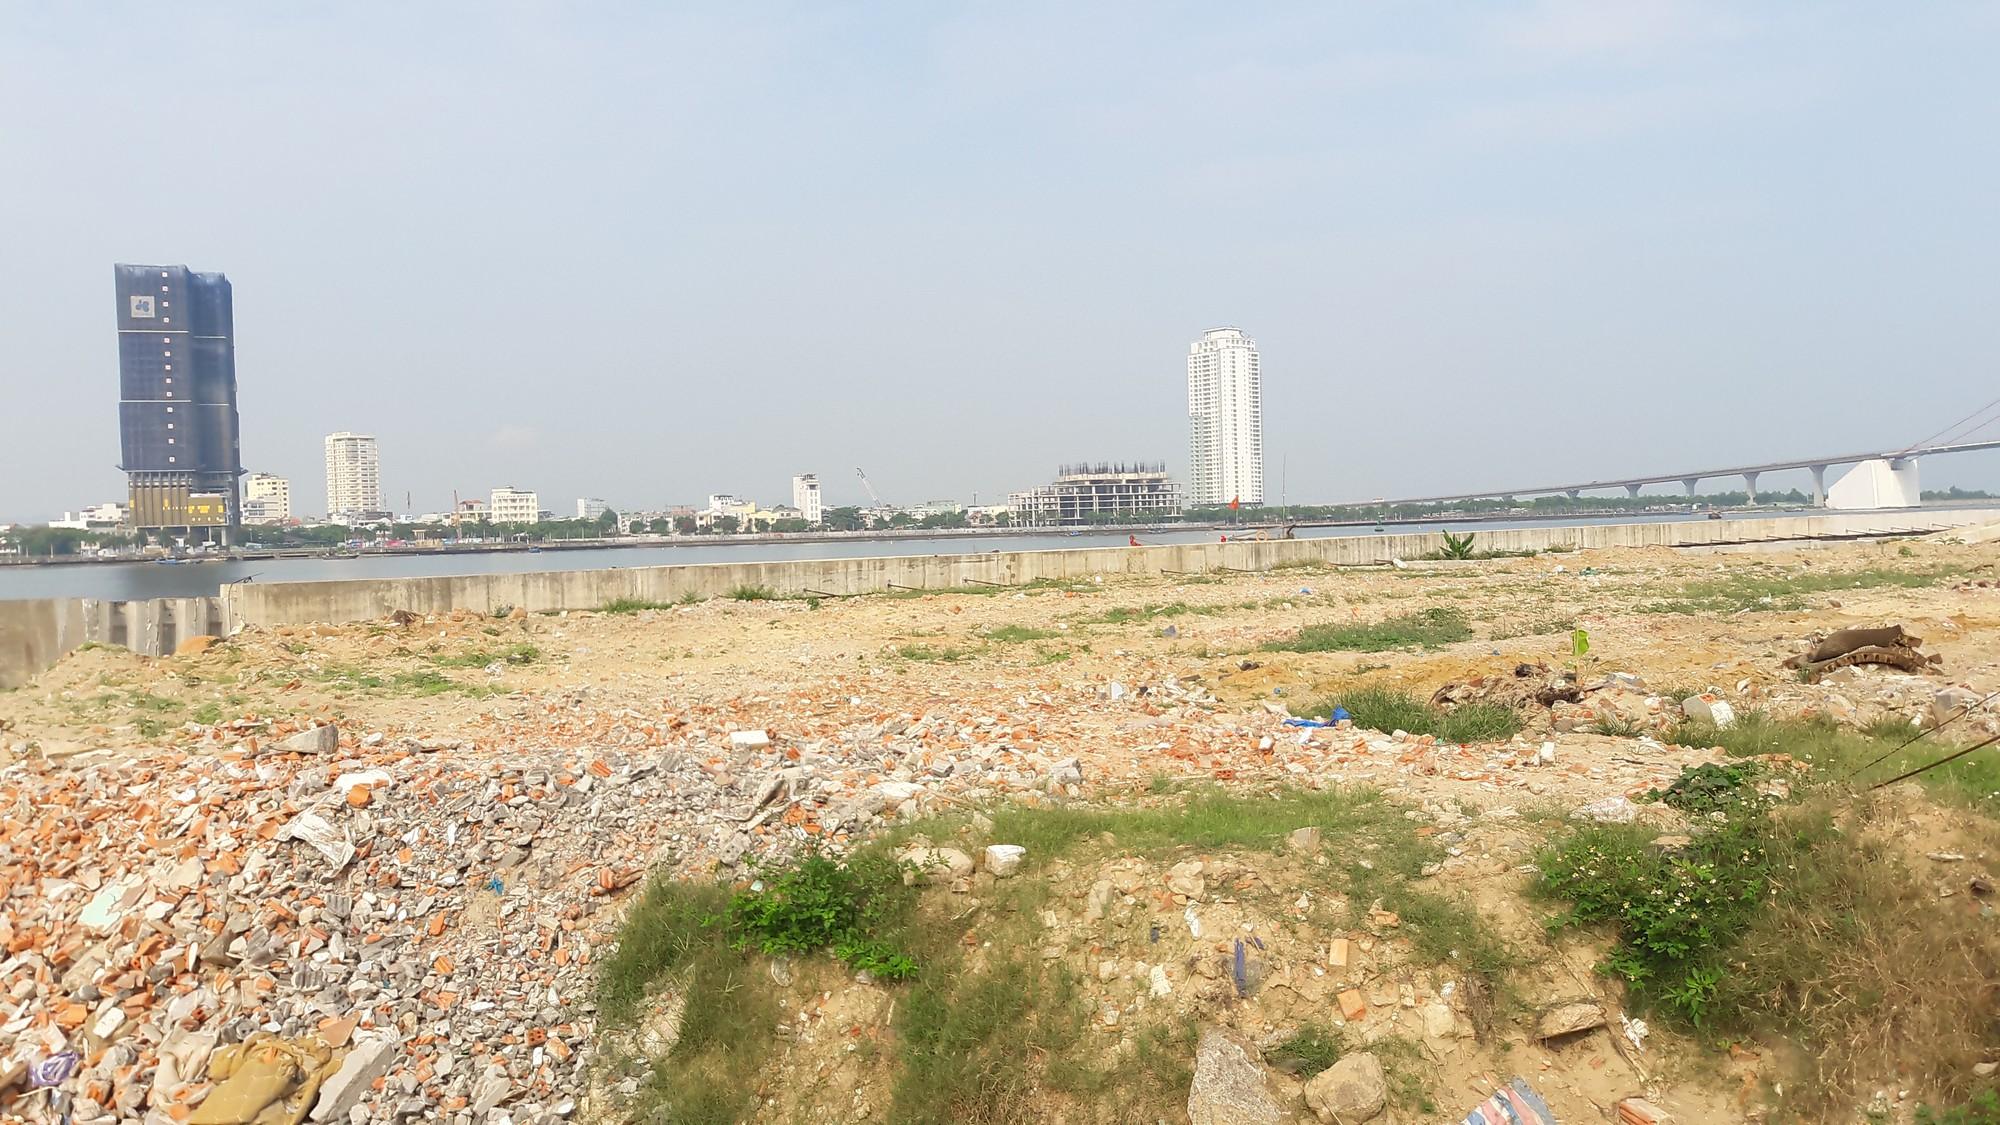 Chủ đầu tư nói thi công Dự án bất động sản và bến du thuyền - Marina Complex tạo điểm nhấn cho Đà Nẵng - Ảnh 2.